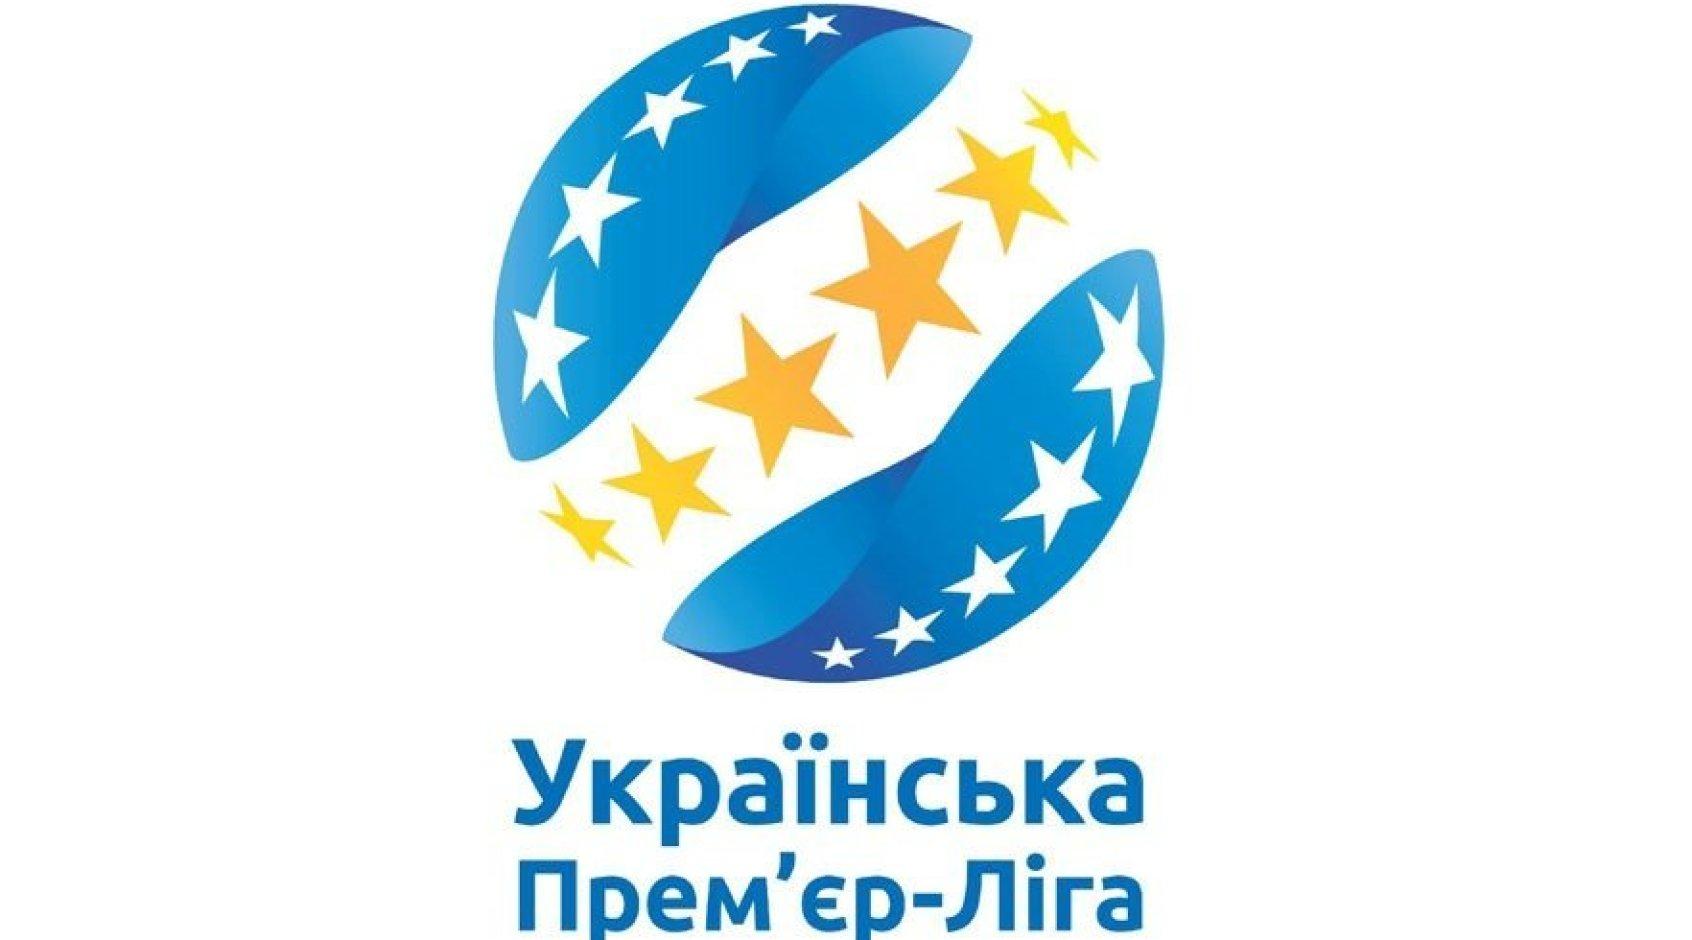 Tribuna: Москаленко – один из кандидатов на должность президента УПЛ